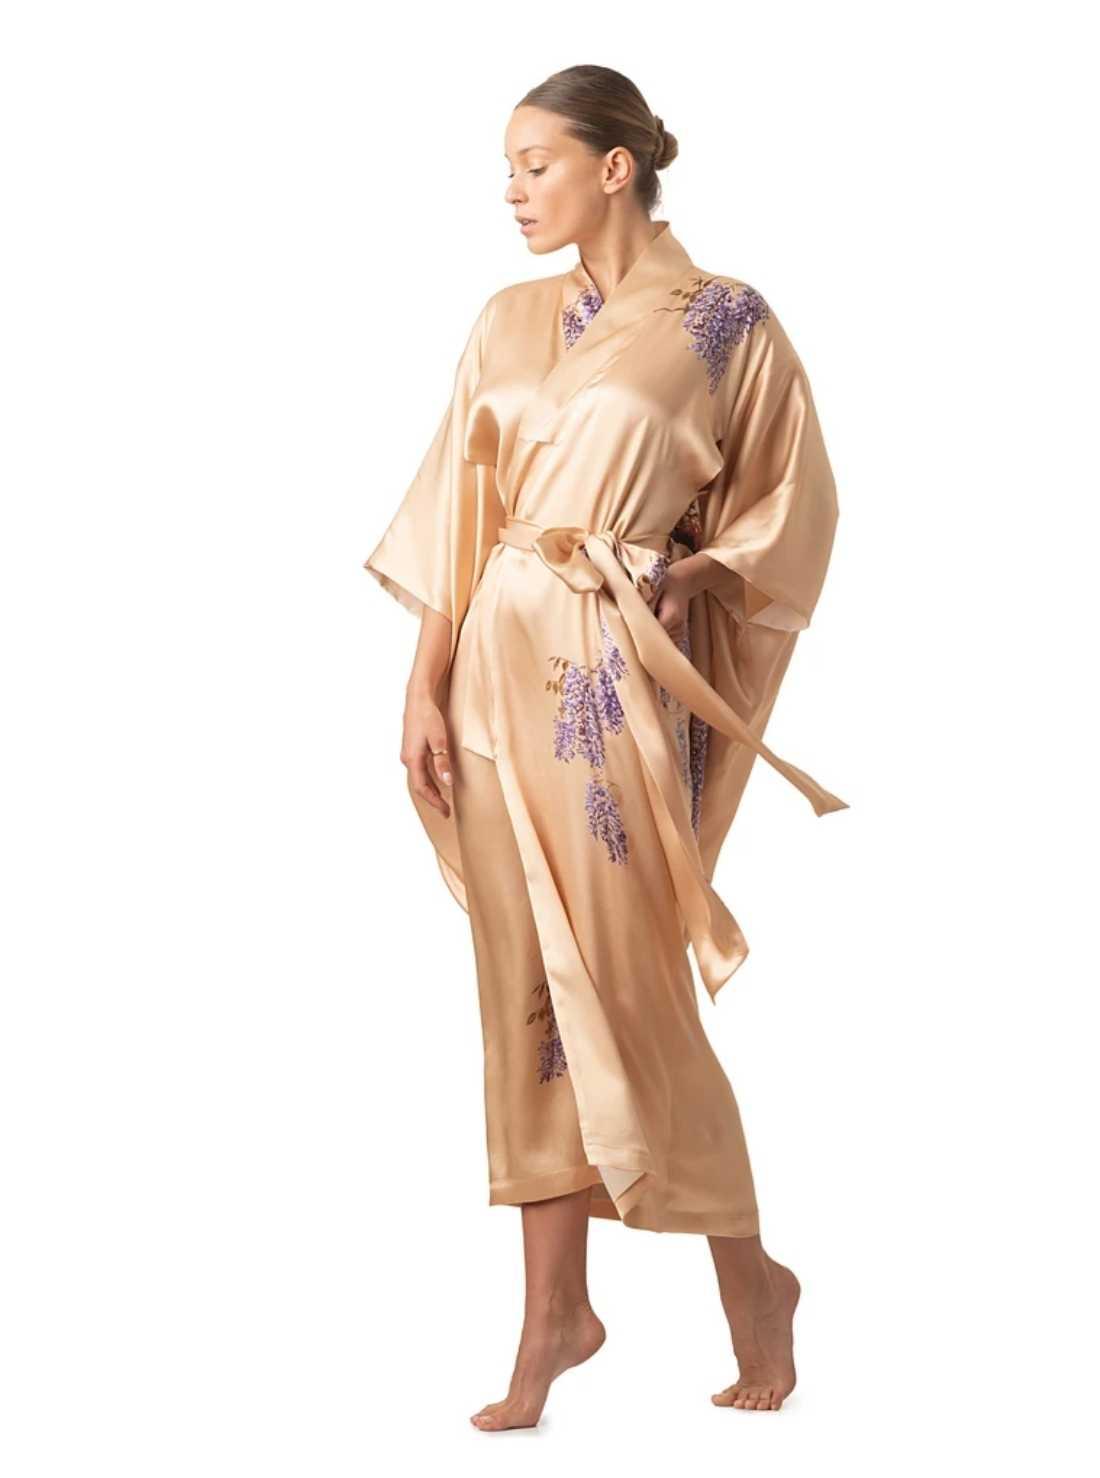 Kimono Robes Night Gown